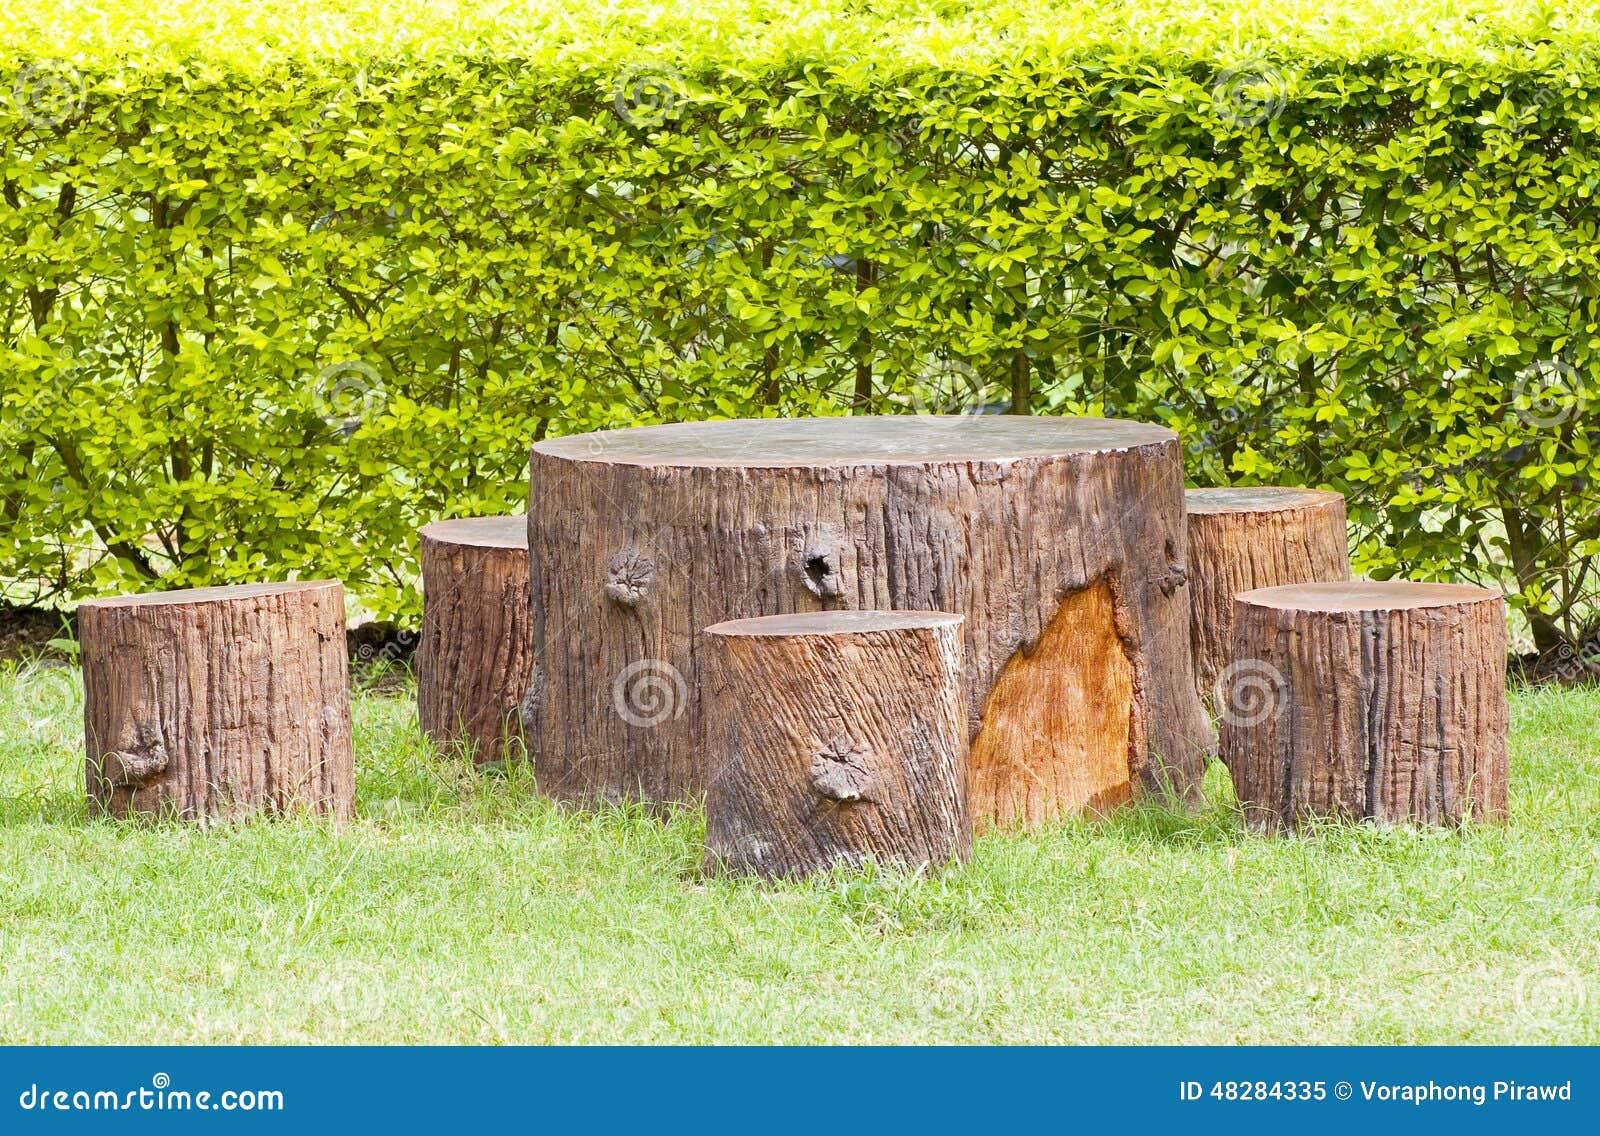 Tree Stump Seats Stumps Seats In The Garden Stock Photo Image 48284335